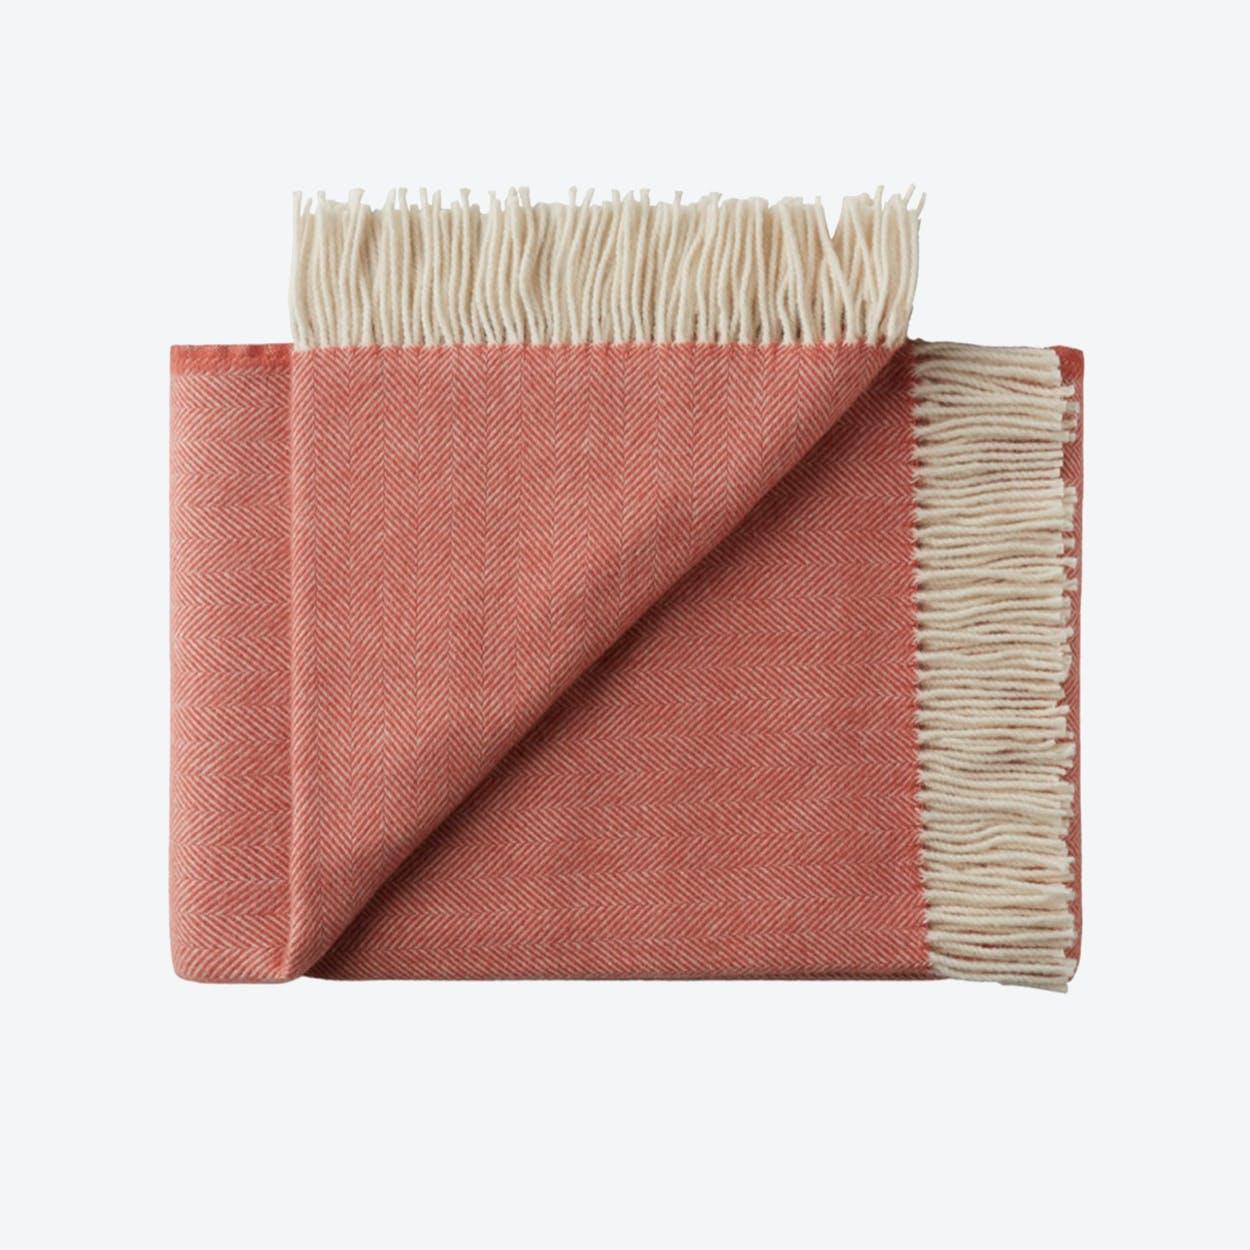 Sevilia Alpaca/Wool Throw in Red, Herringbone